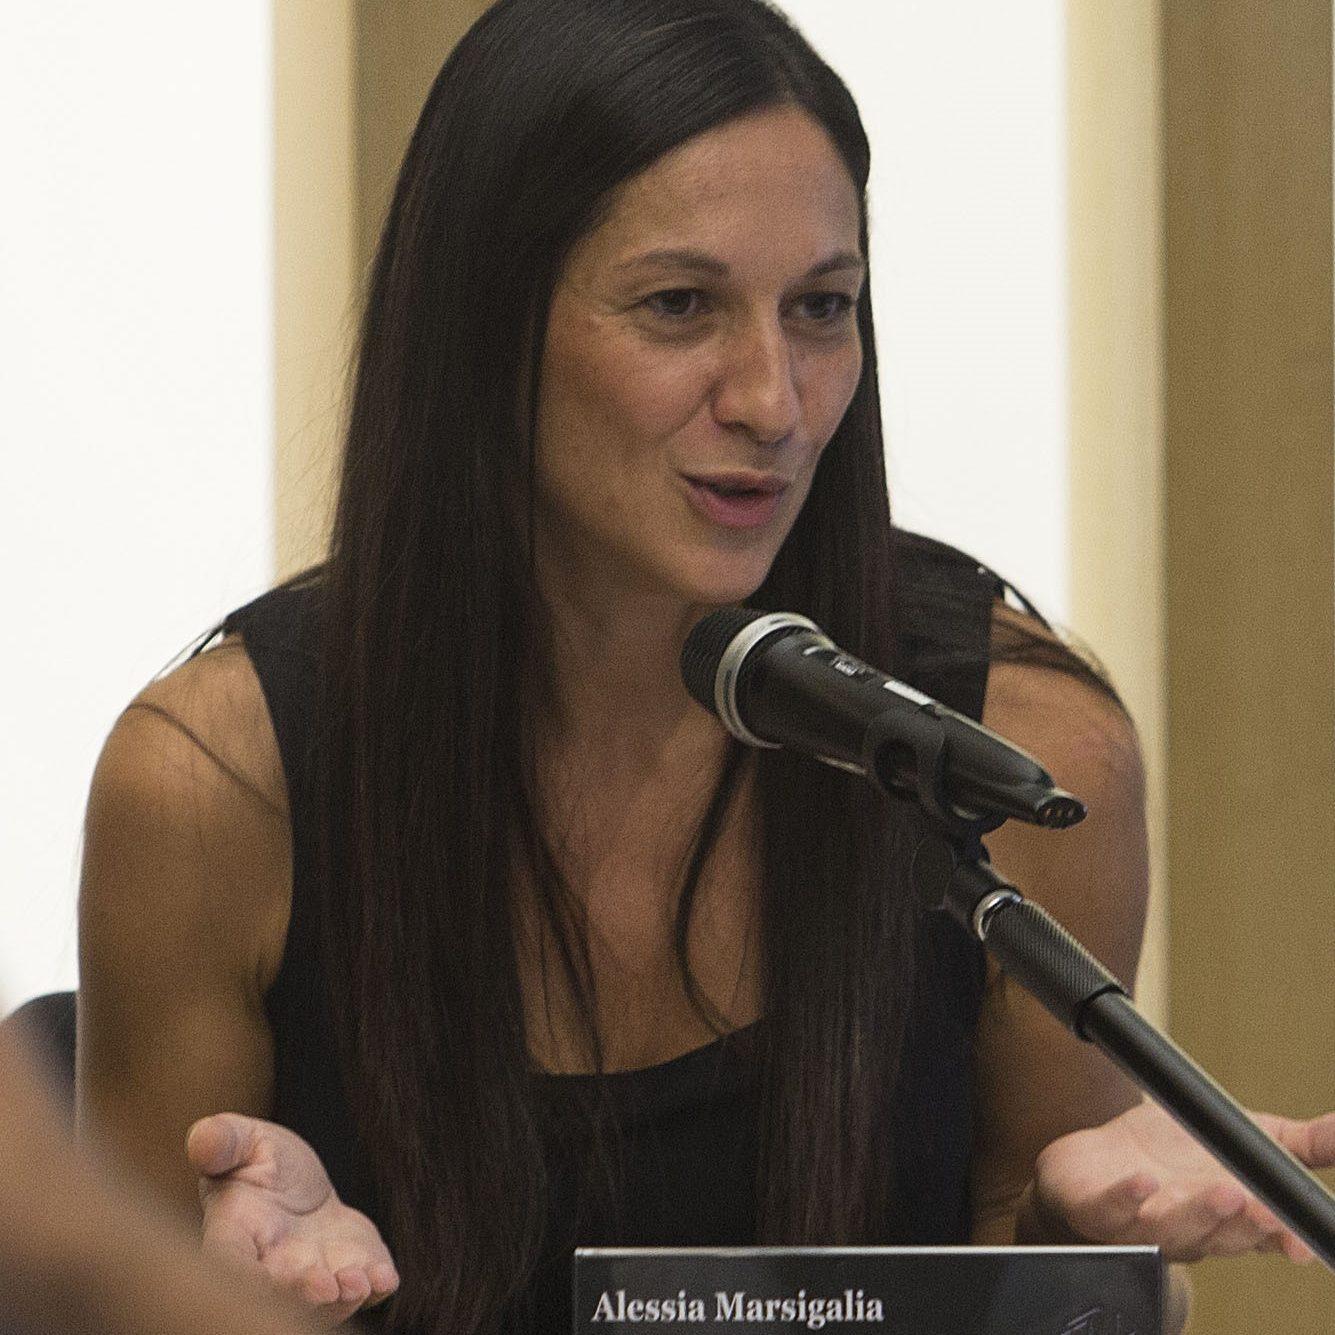 Alessia Marsigalia